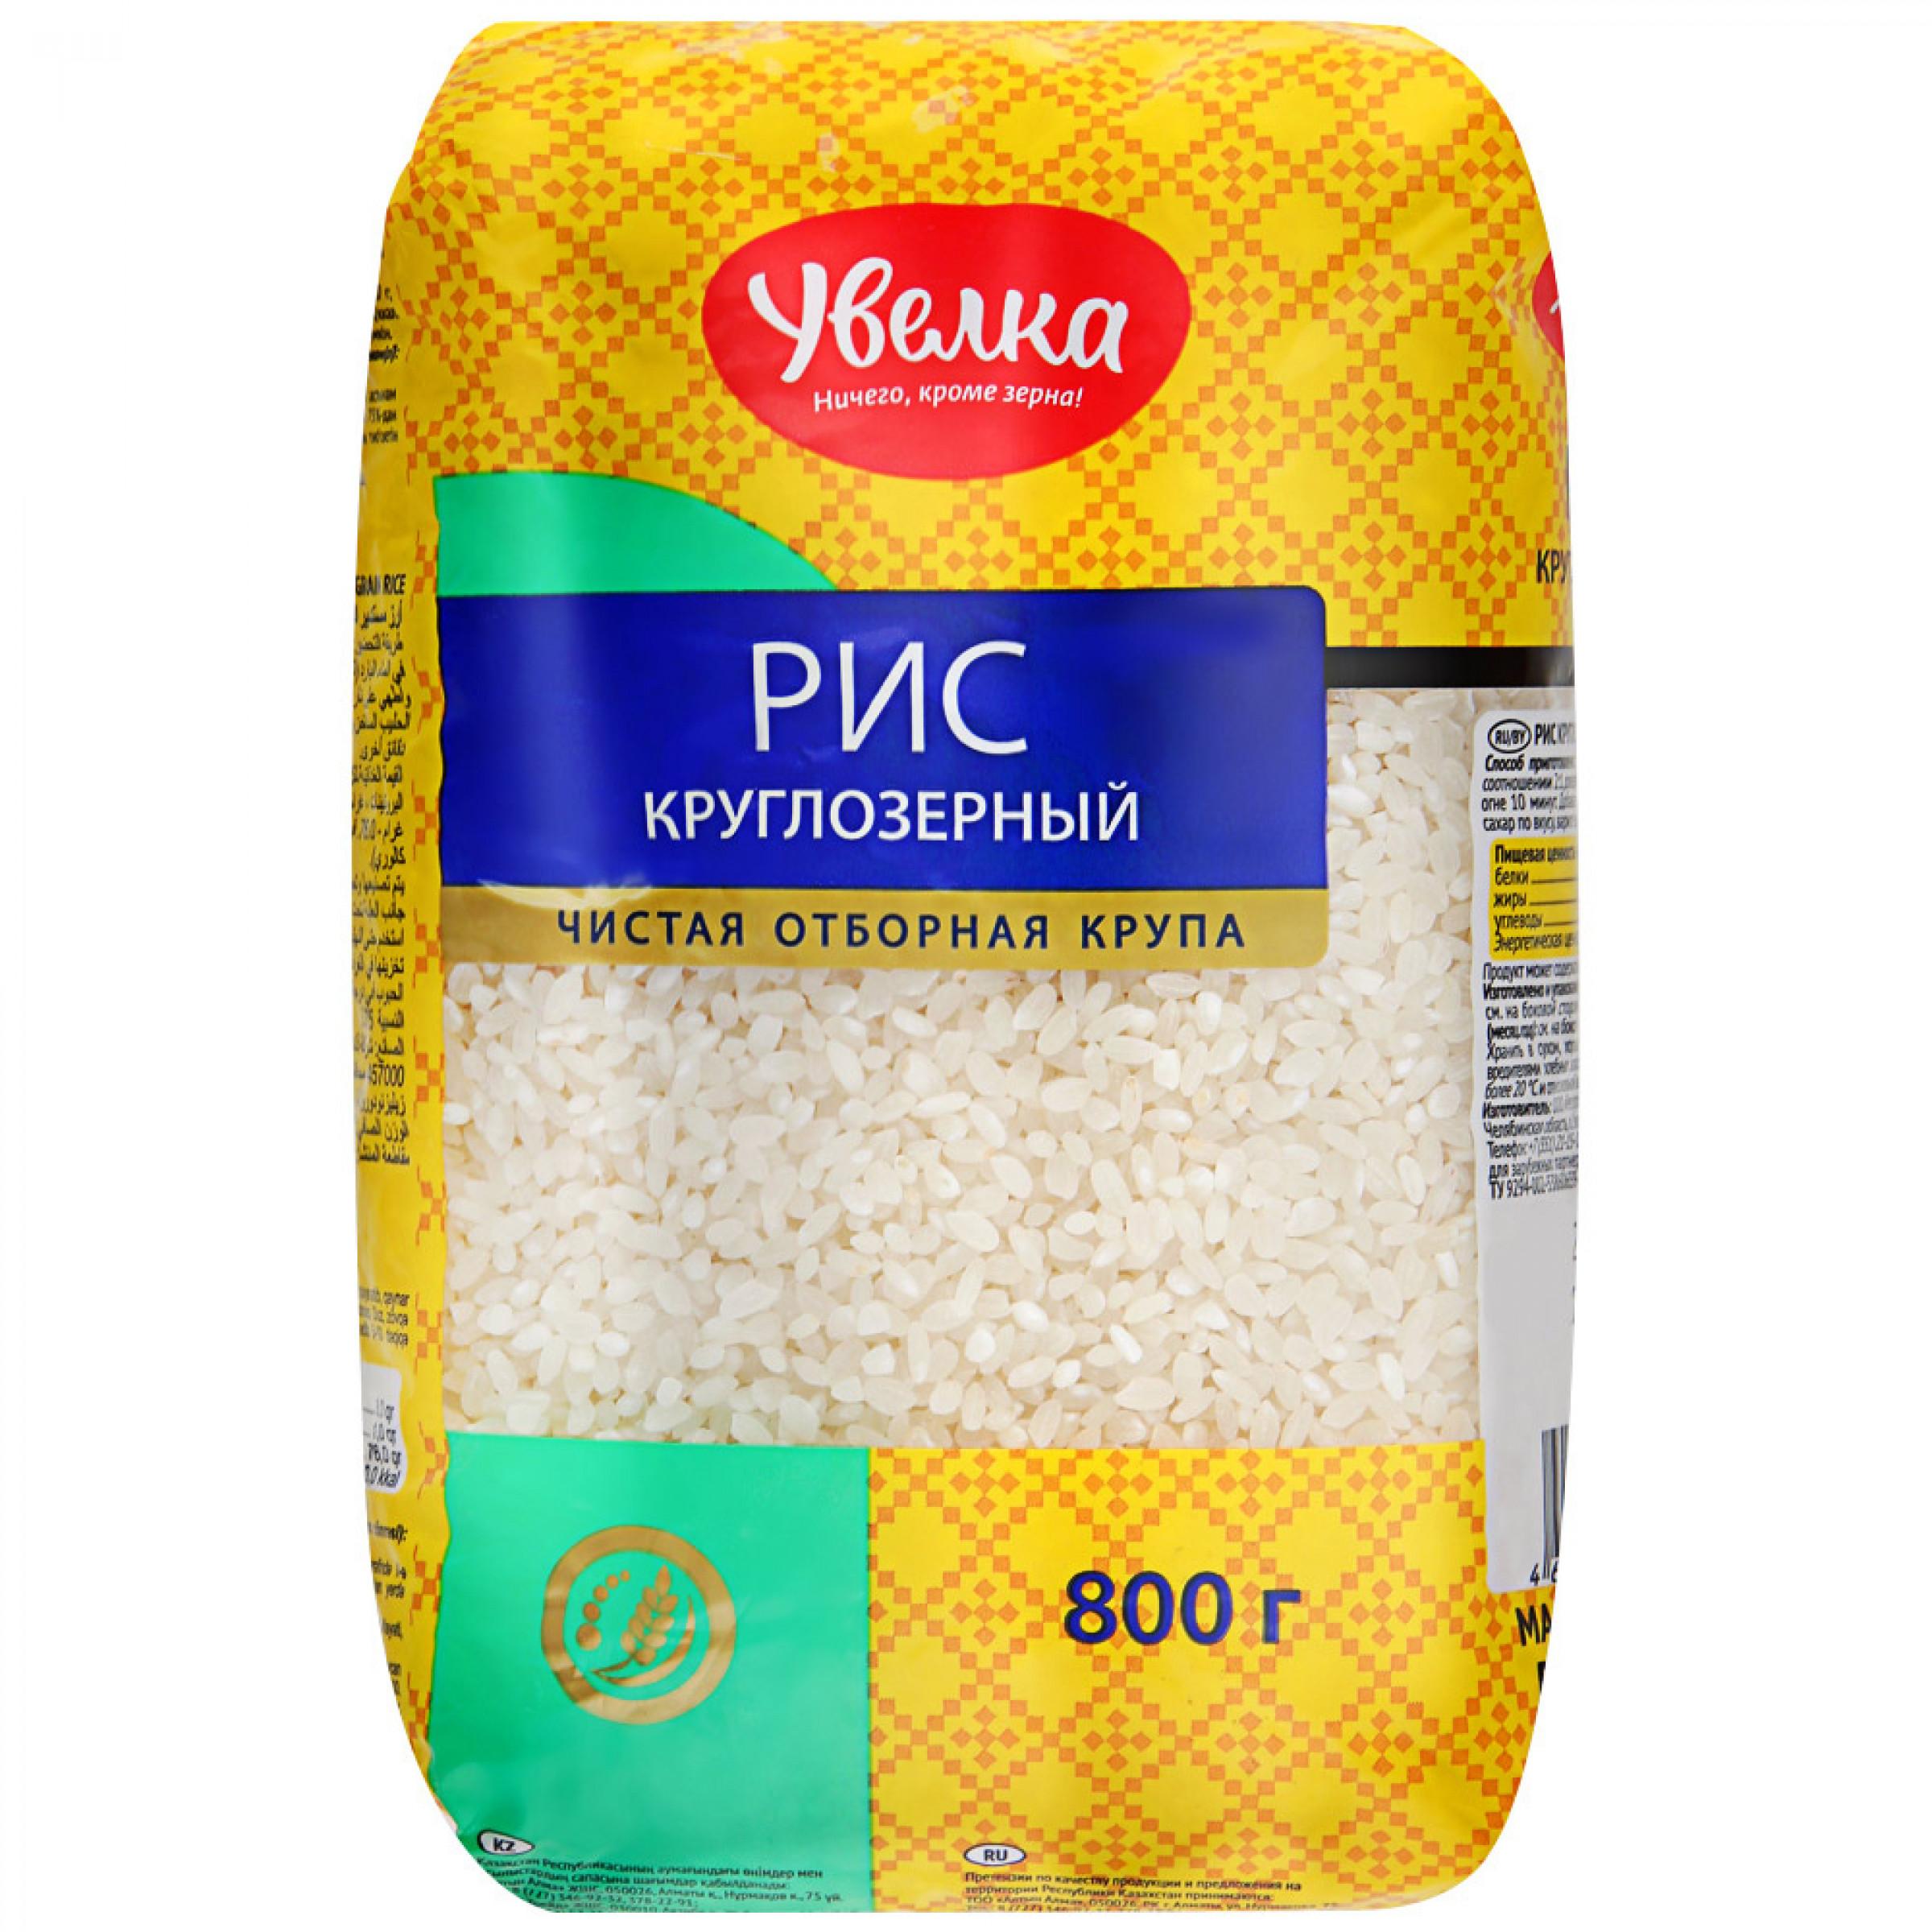 """Рис круглозерный """"Увелка"""", 800 г"""